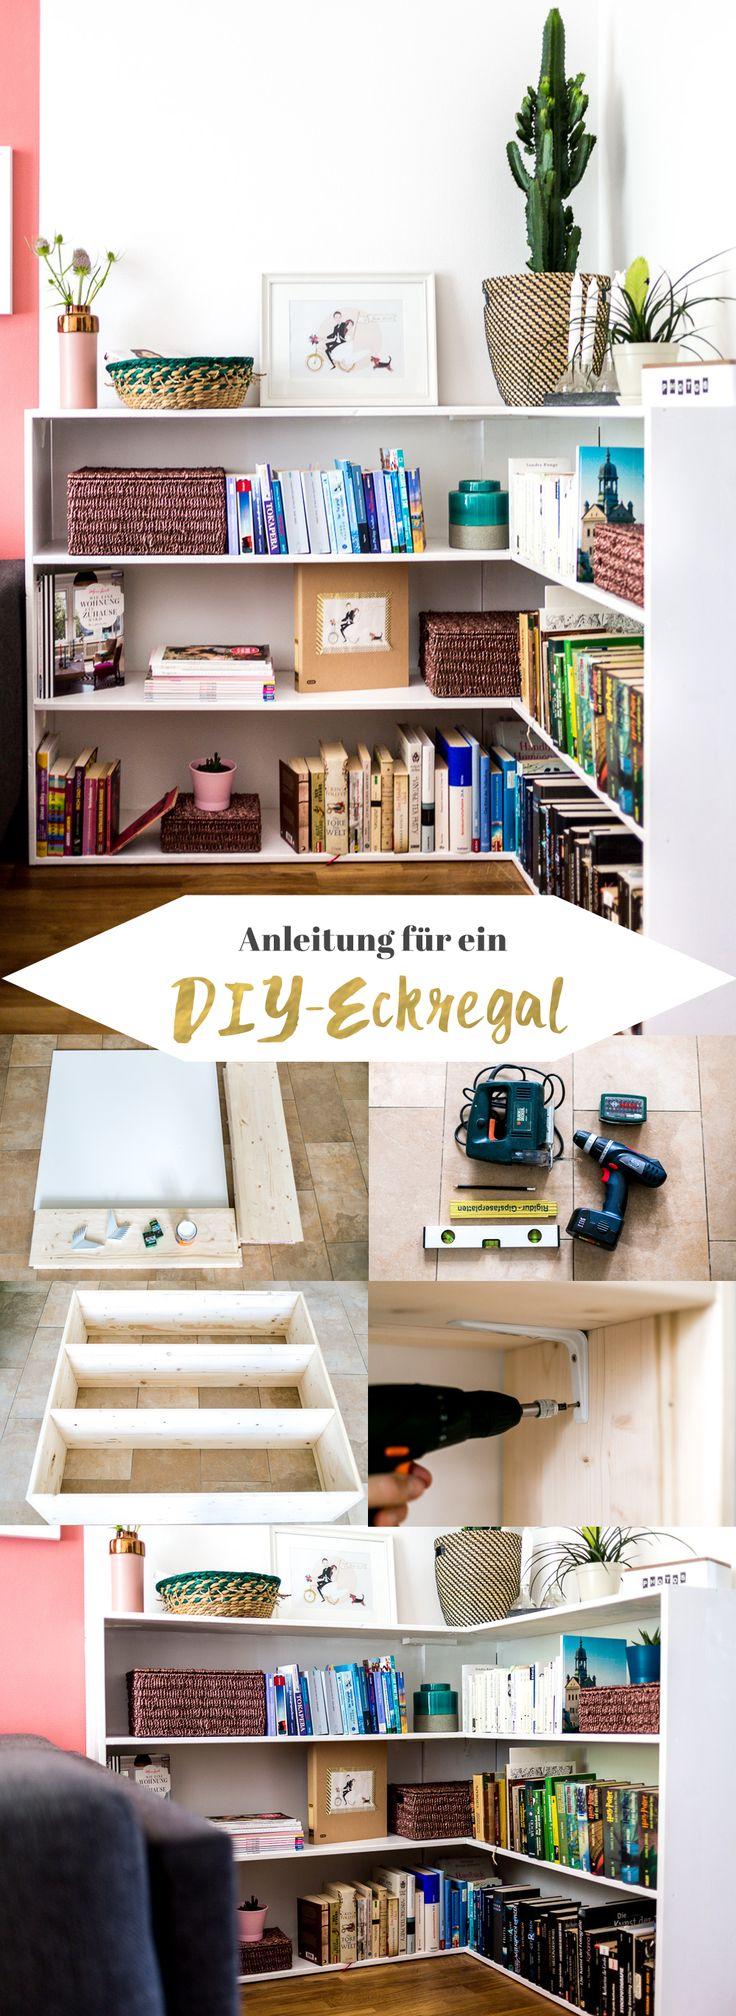 die besten 25 eckregal holz ideen auf pinterest eckregal diy eckregal und google books. Black Bedroom Furniture Sets. Home Design Ideas